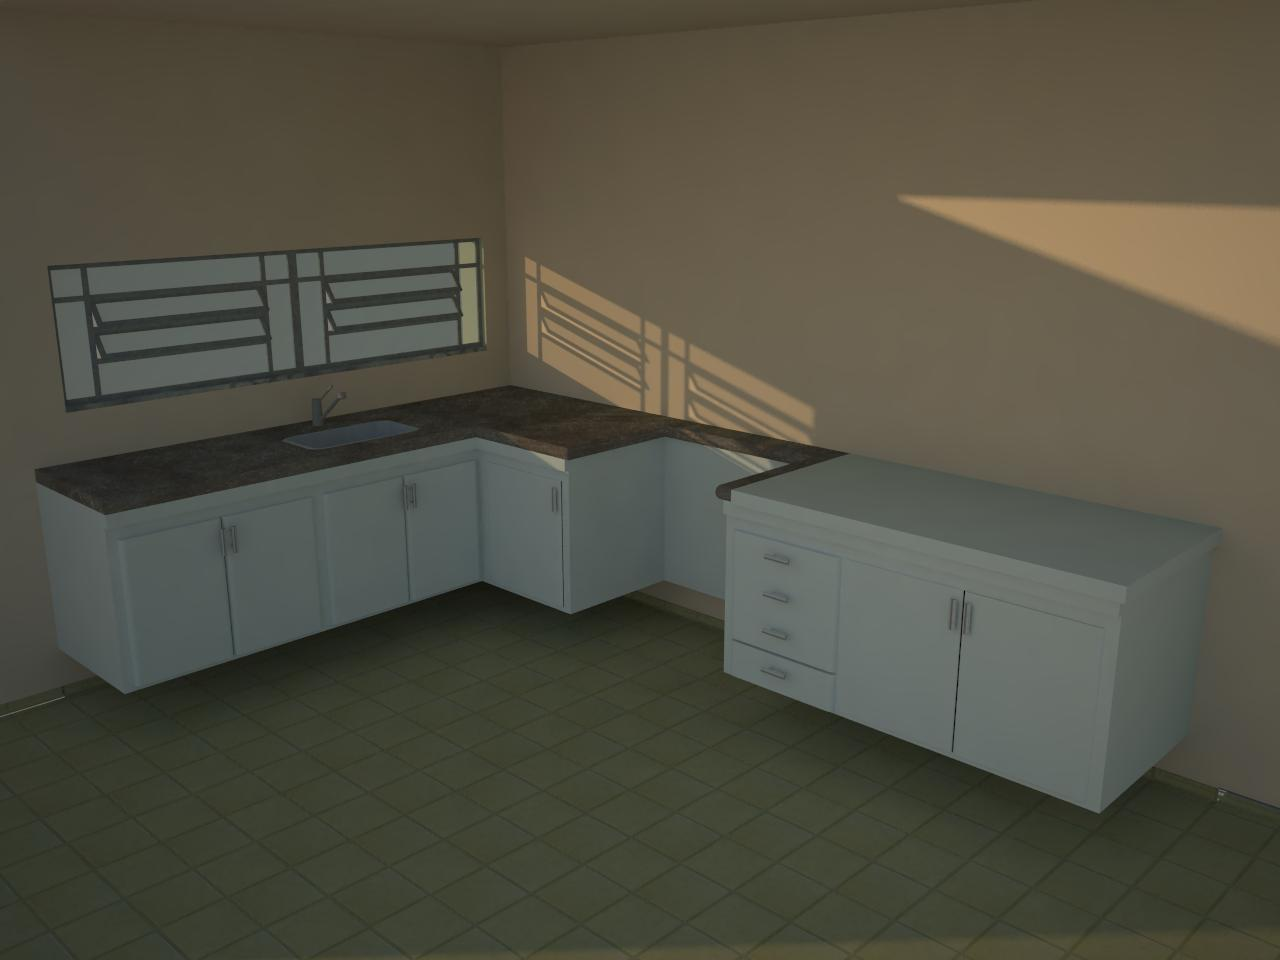 #474355 Francisco Pai & Filho Projeto Armário de Cozinha em L com balcão 1280x960 px Armario De Cozinha Em L #3004 imagens